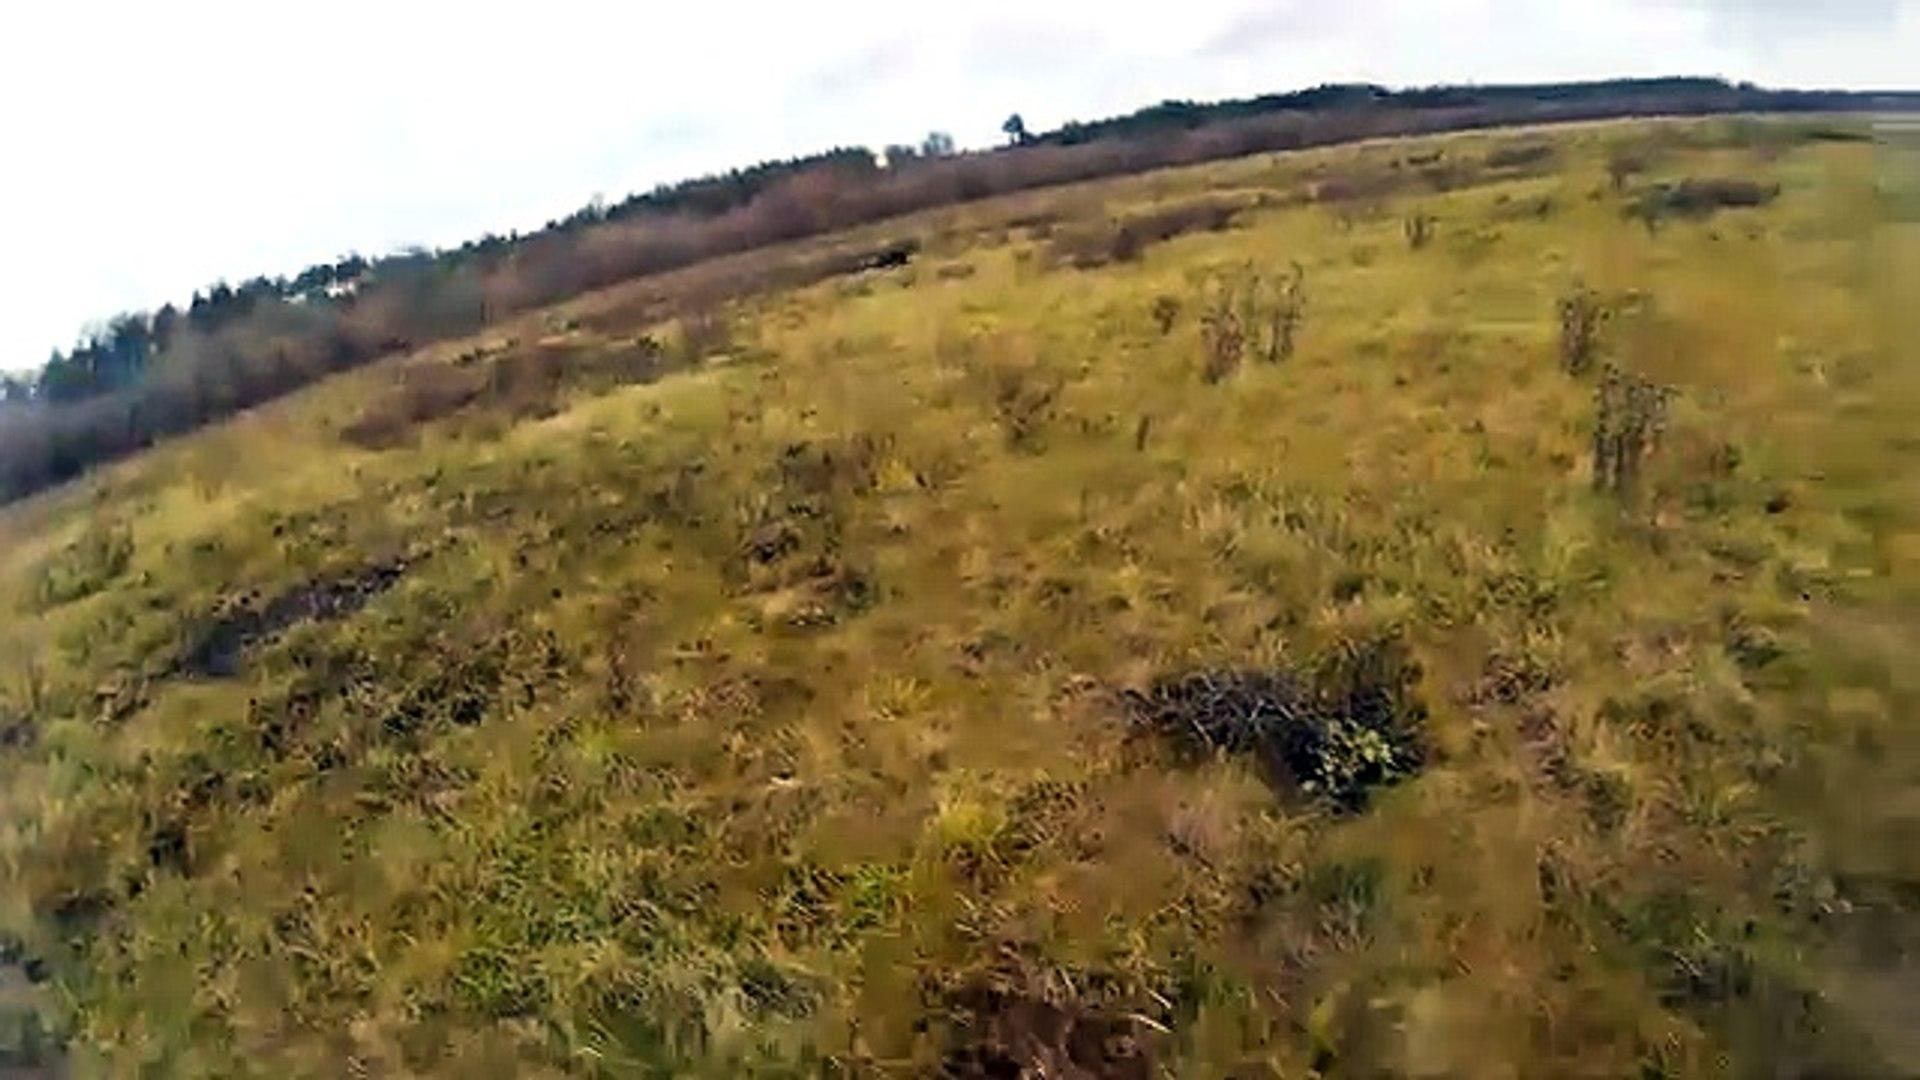 Охота на зайца - работа дратхаара со стойкой / Hare hunting - Deutsch Drahthaar pointing hare